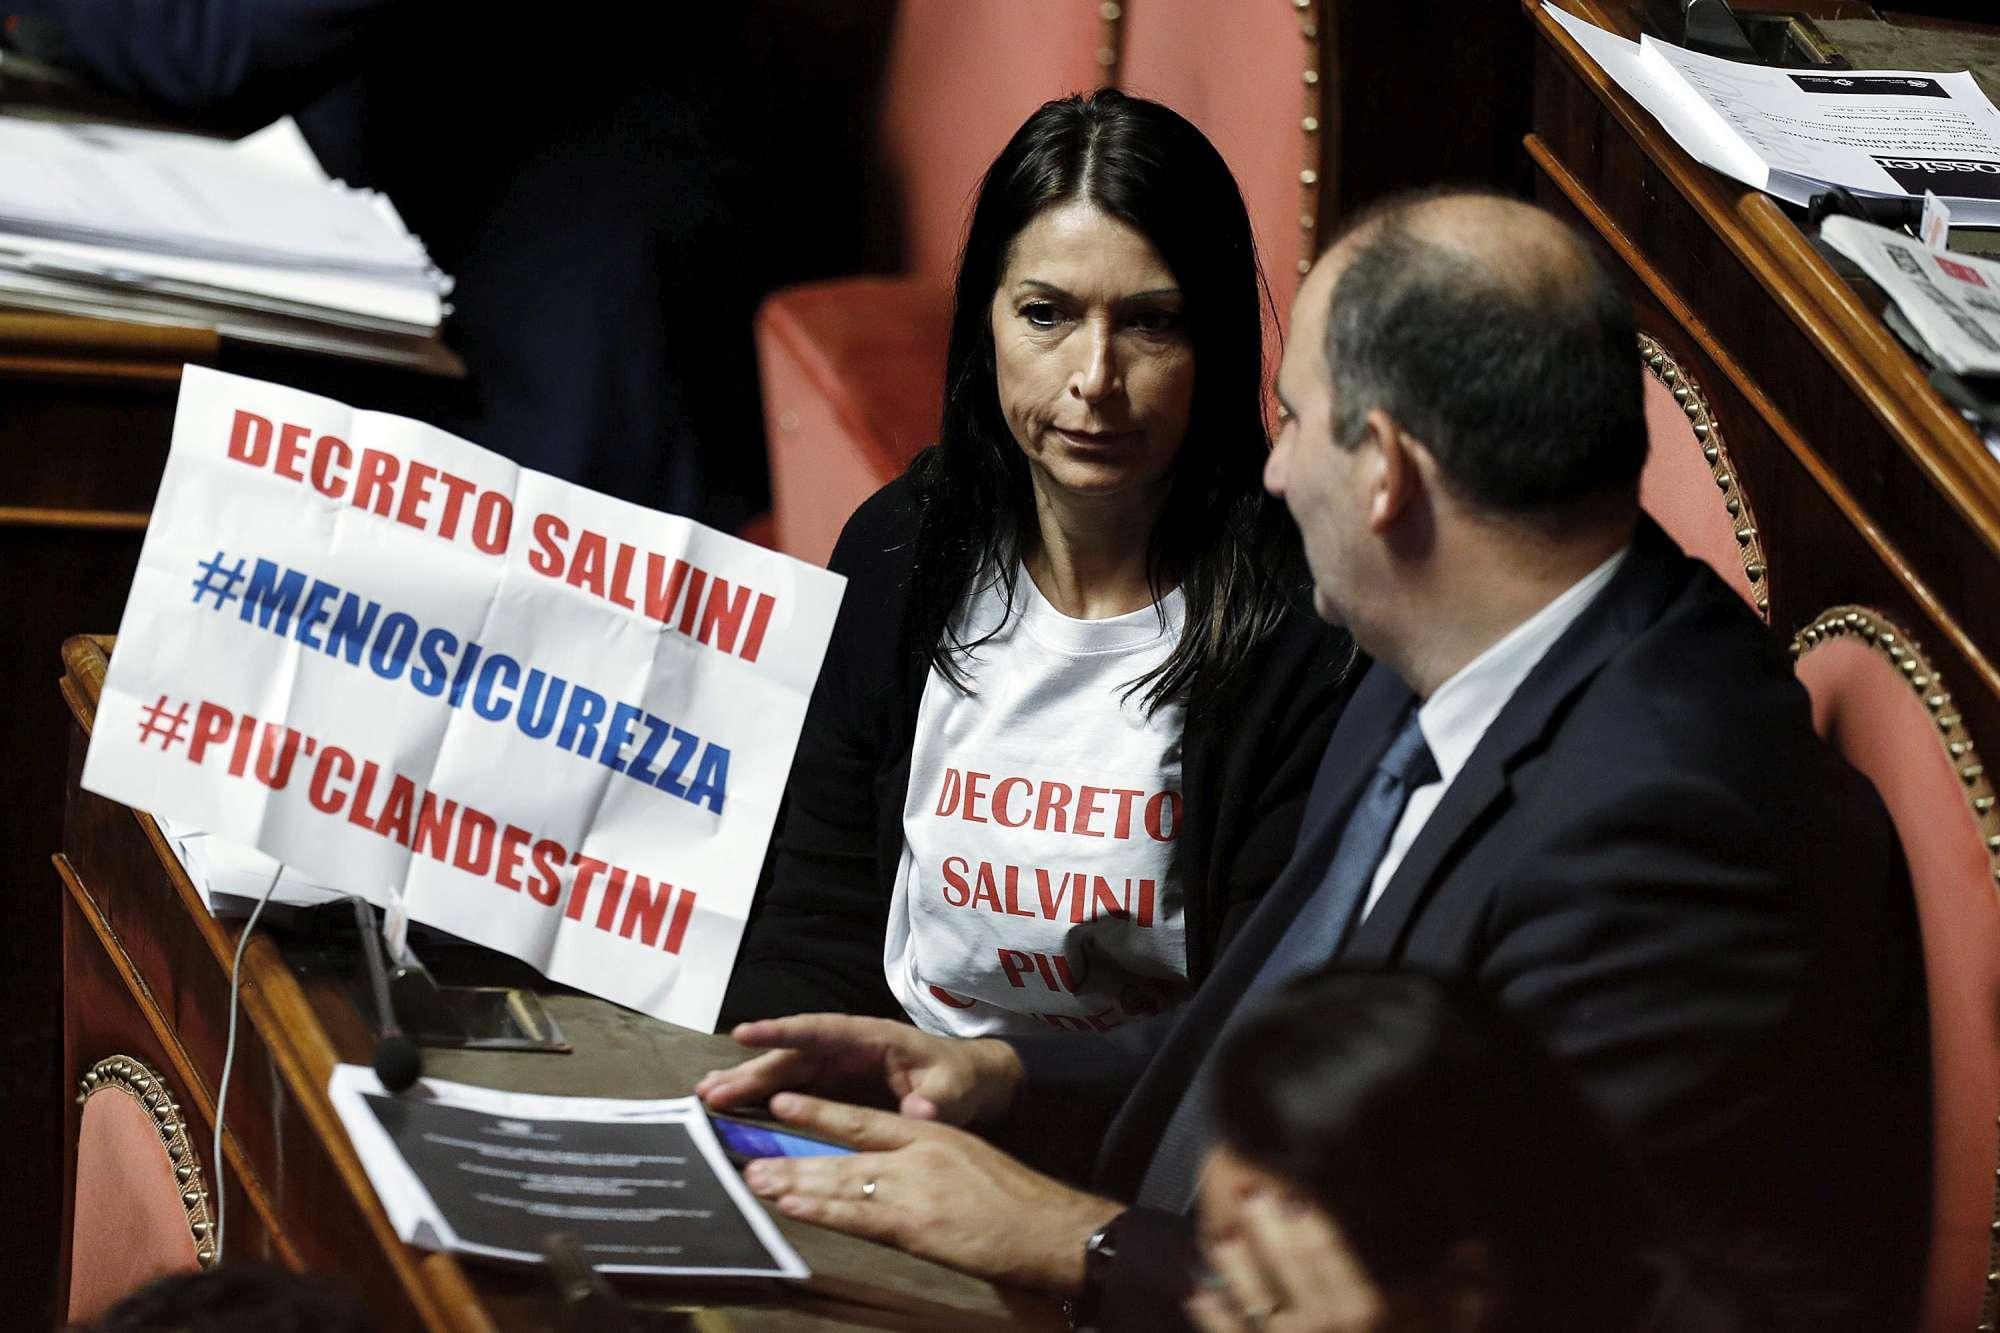 Dl sicurezza approvato in Senato, la protesta del Pd:  Ora più clandestini